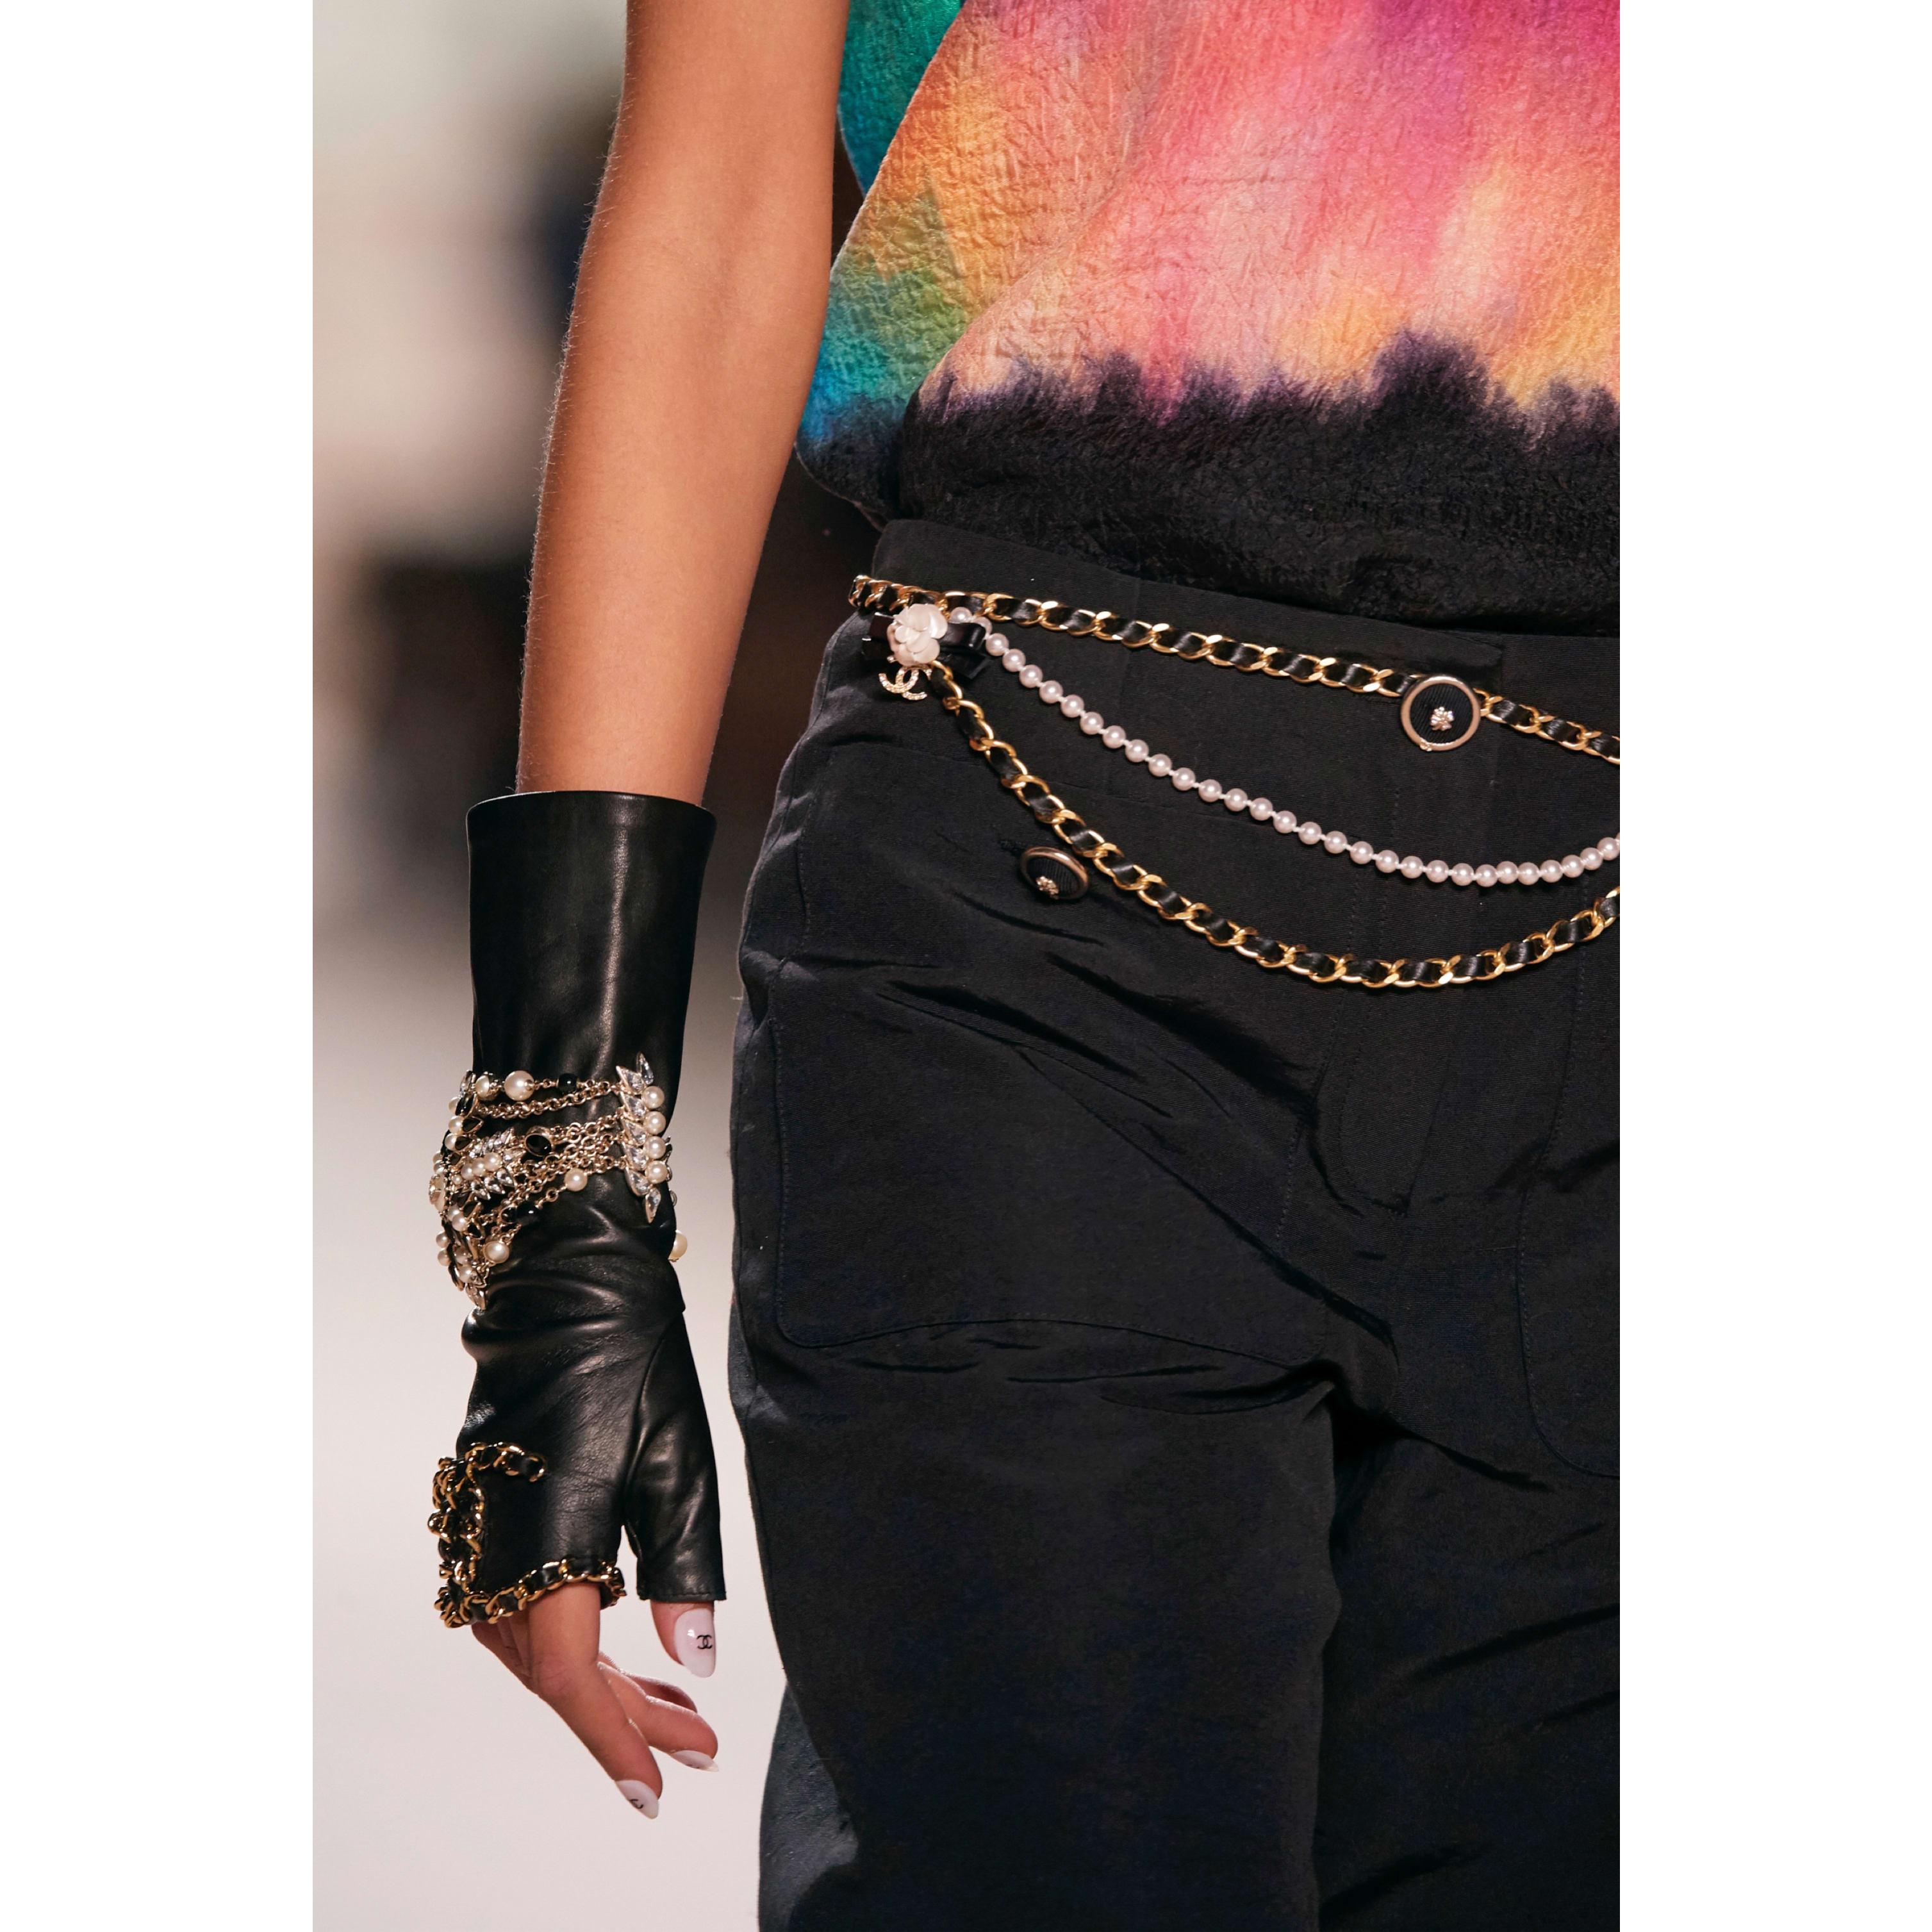 กางเกงขายาว - สีดำ - ผ้าคอตตอนและผ้าไหม - CHANEL - มุมมองอื่น - ดูเวอร์ชันขนาดมาตรฐาน